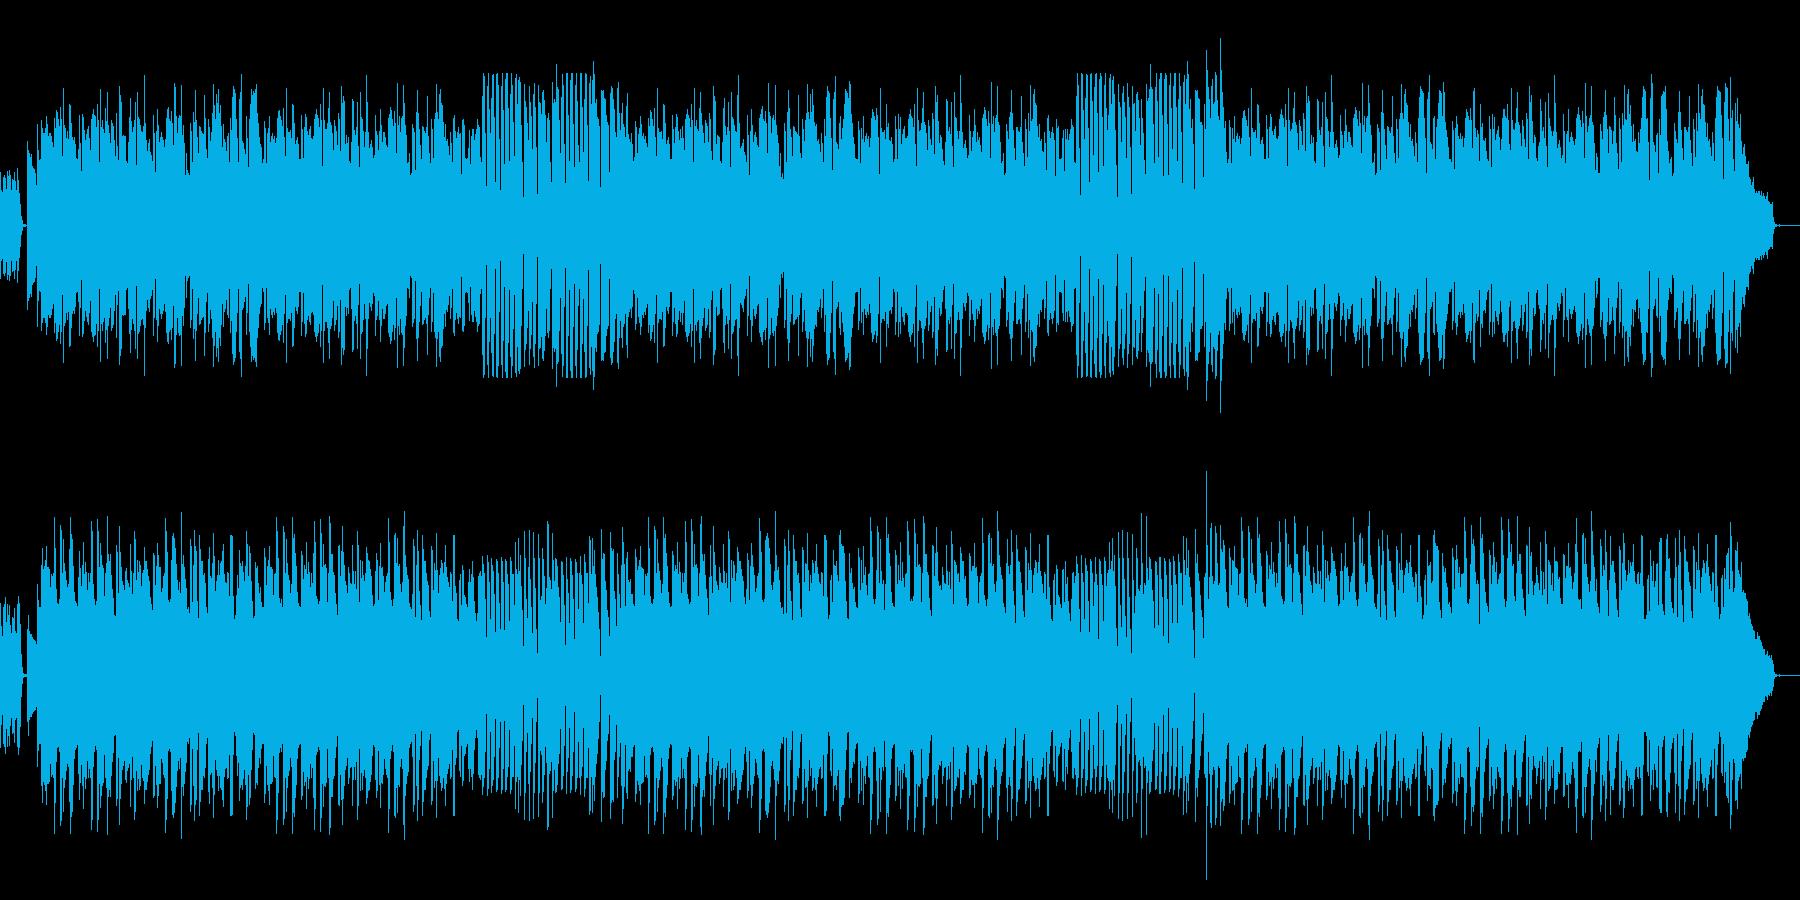 お料理番組っぽいシンプルなピアノソロの再生済みの波形